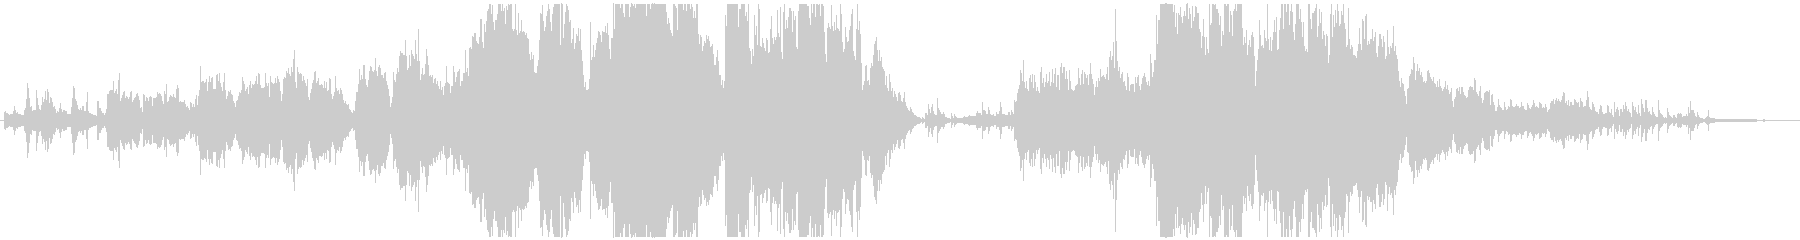 生演奏トランペットとフルートのバラードの未再生の波形